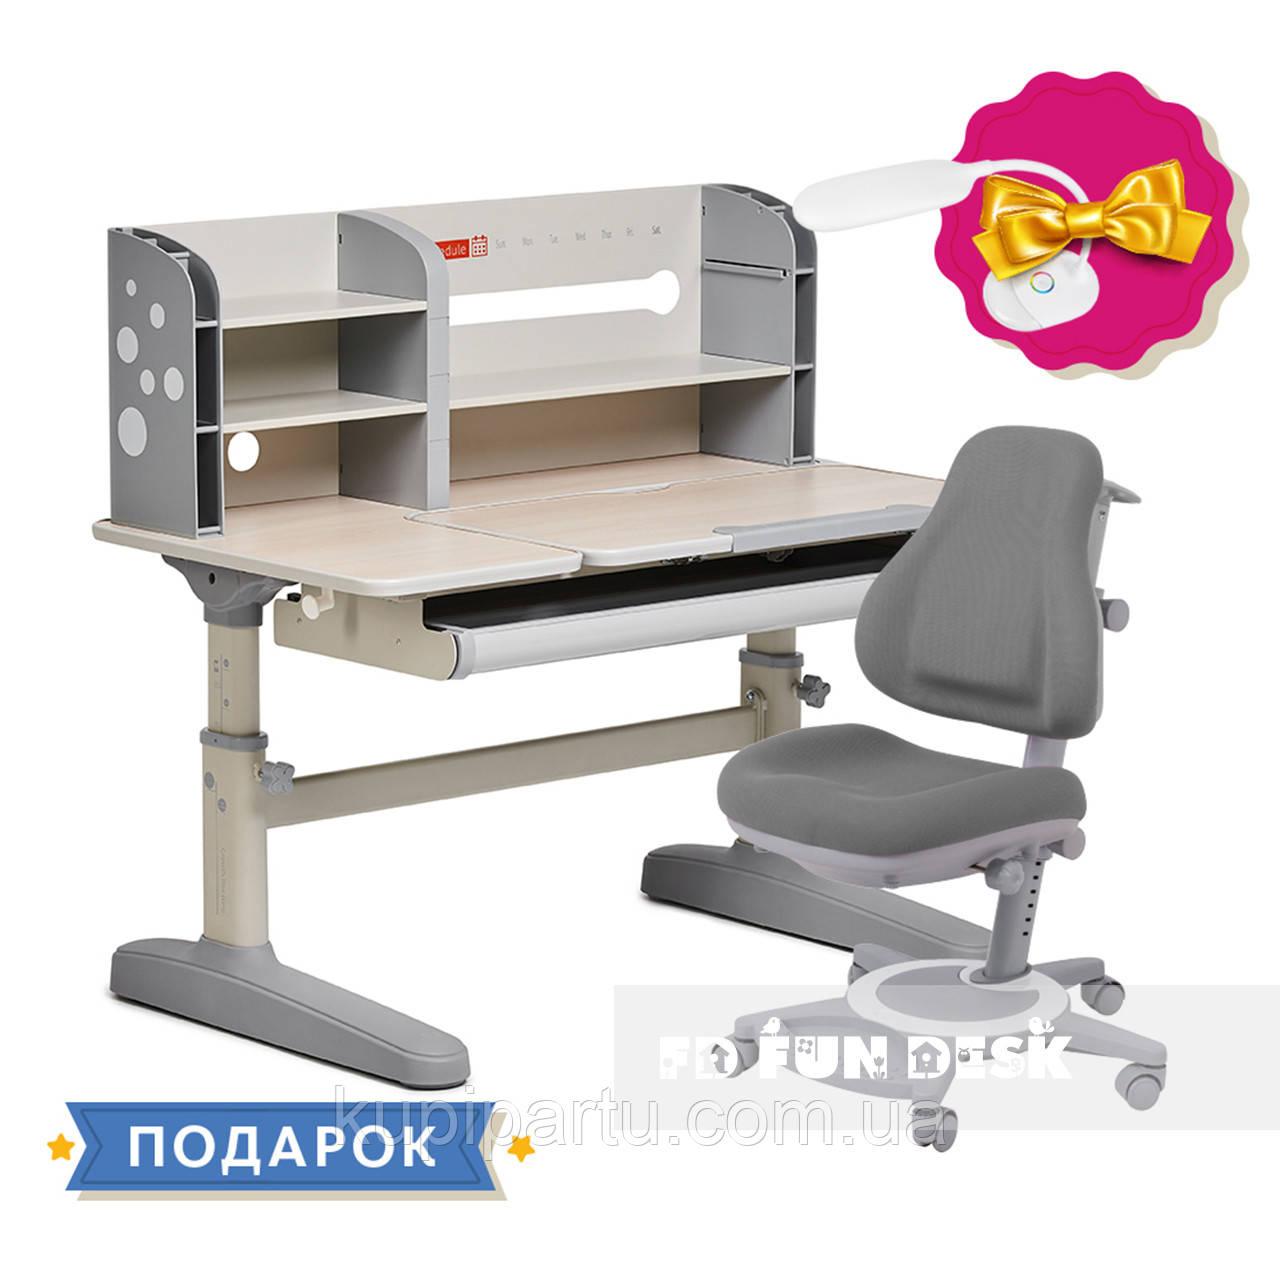 Комплект школьника 👨🏫  парта-трансформер Fundesk Amico Grey + ортопедическое кресло FunDesk Bravo Grey